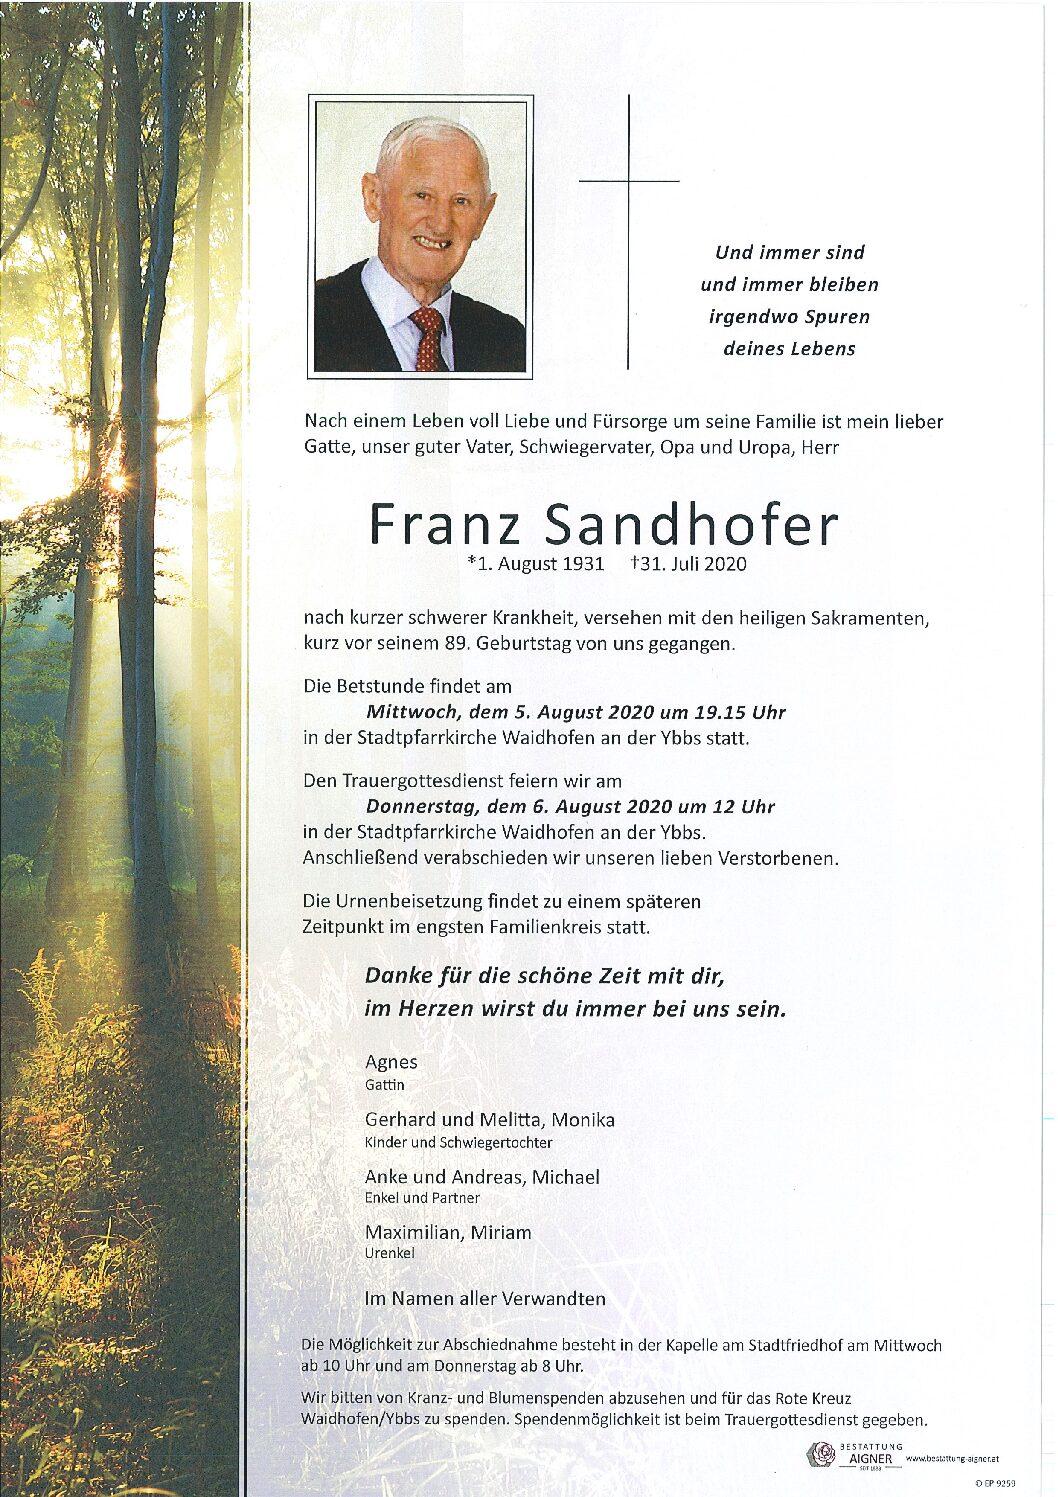 Franz Sandhofer